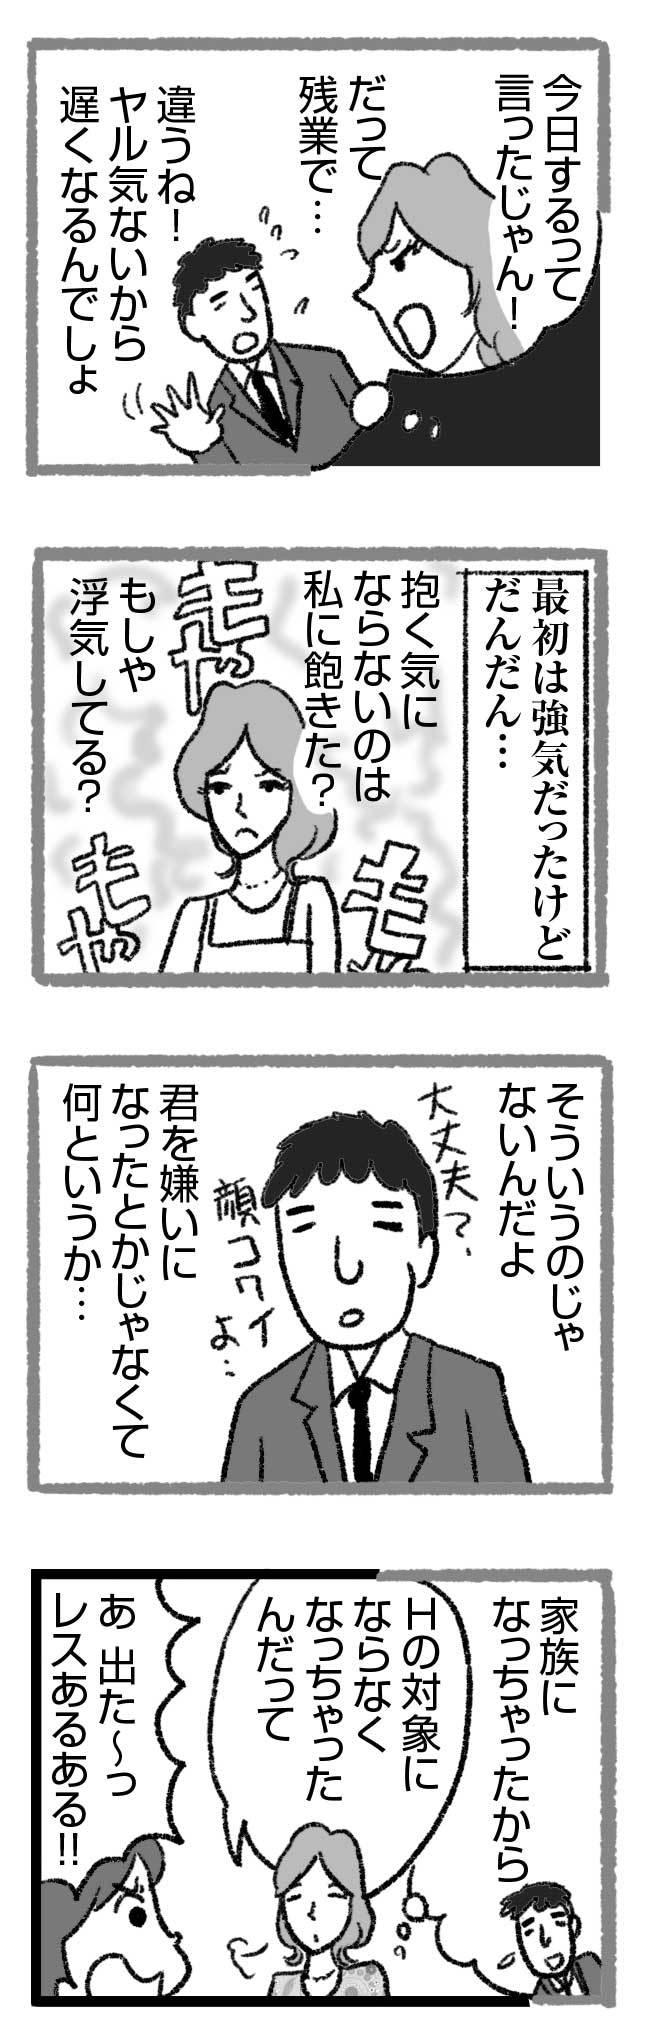 582 近所のレス友 2 2_3 結婚 離婚 別居 別居中 レス あるある 友達 話 辛い 漫画 まんが マンガ